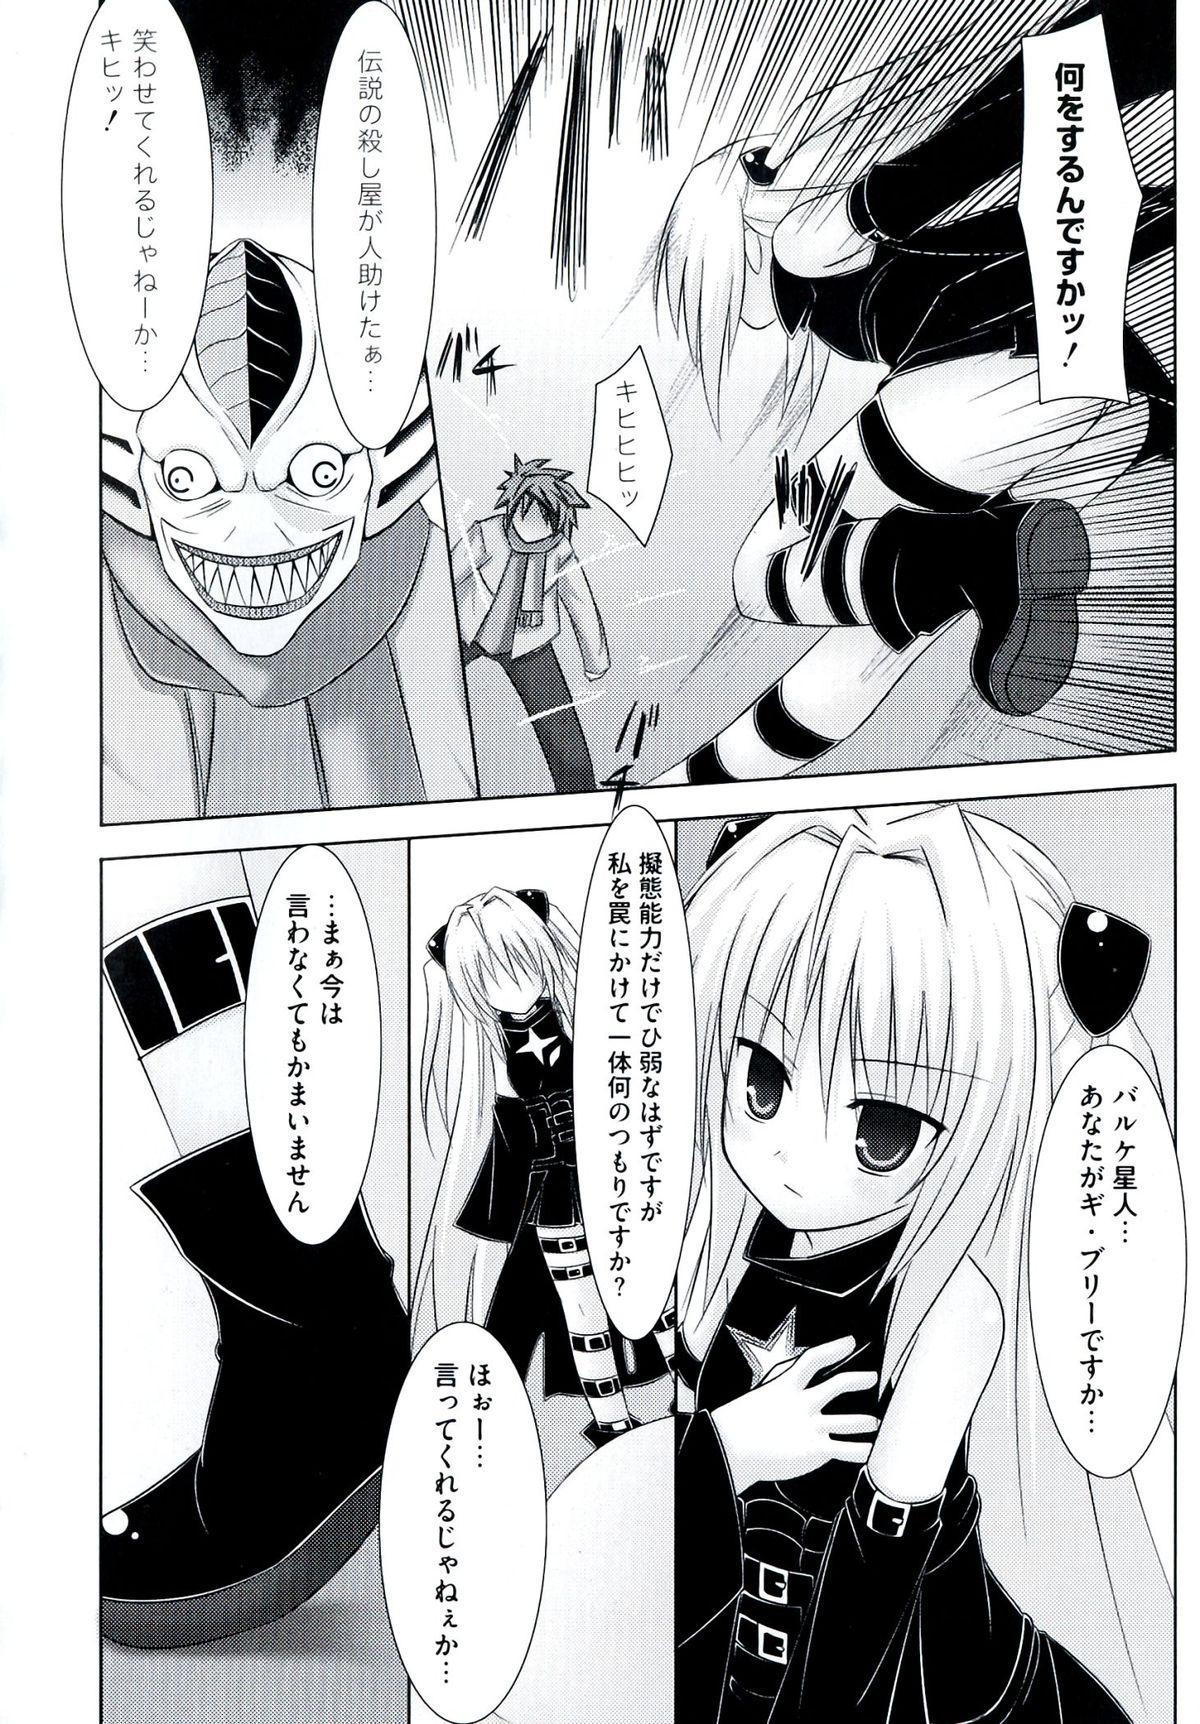 Geki EROVEru DARKNESS 53